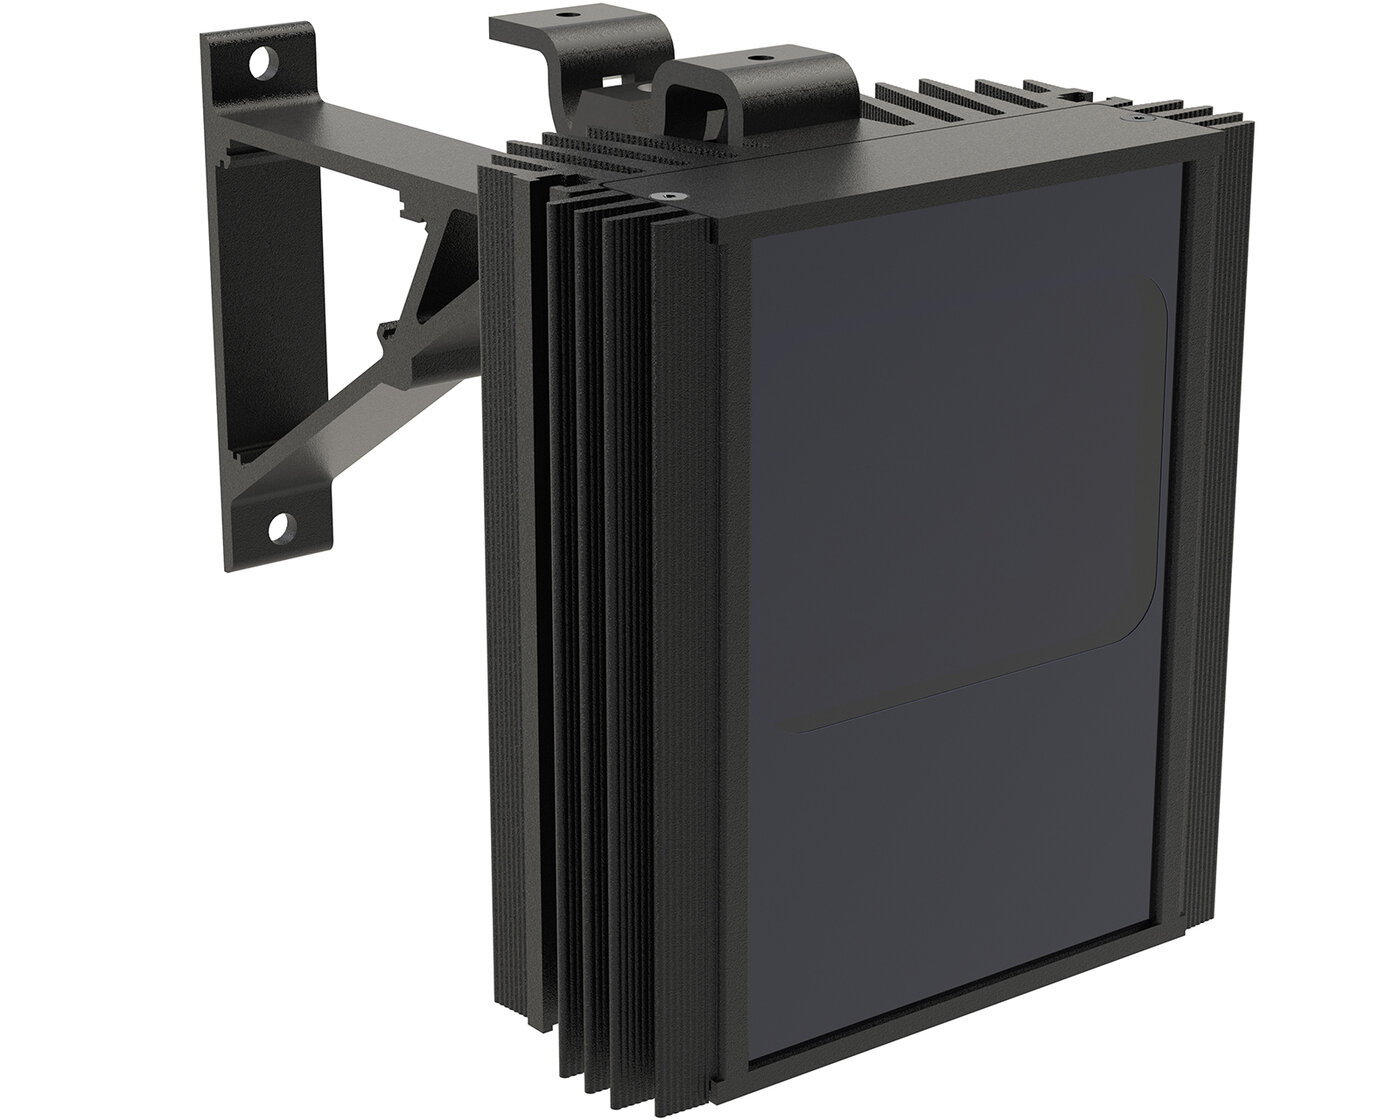 Инфракрасный прожектор Microlight IR ZENITH M-60/36 Широкоугольный 60 град. Дальность до 90 метров ночного видения Уличный IP67